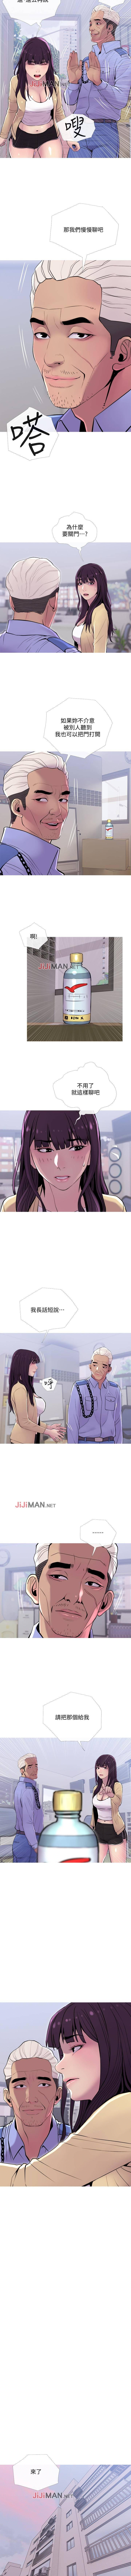 【周五连载】主妇危机(作者:查爾斯&漢水) 第1~26话 83